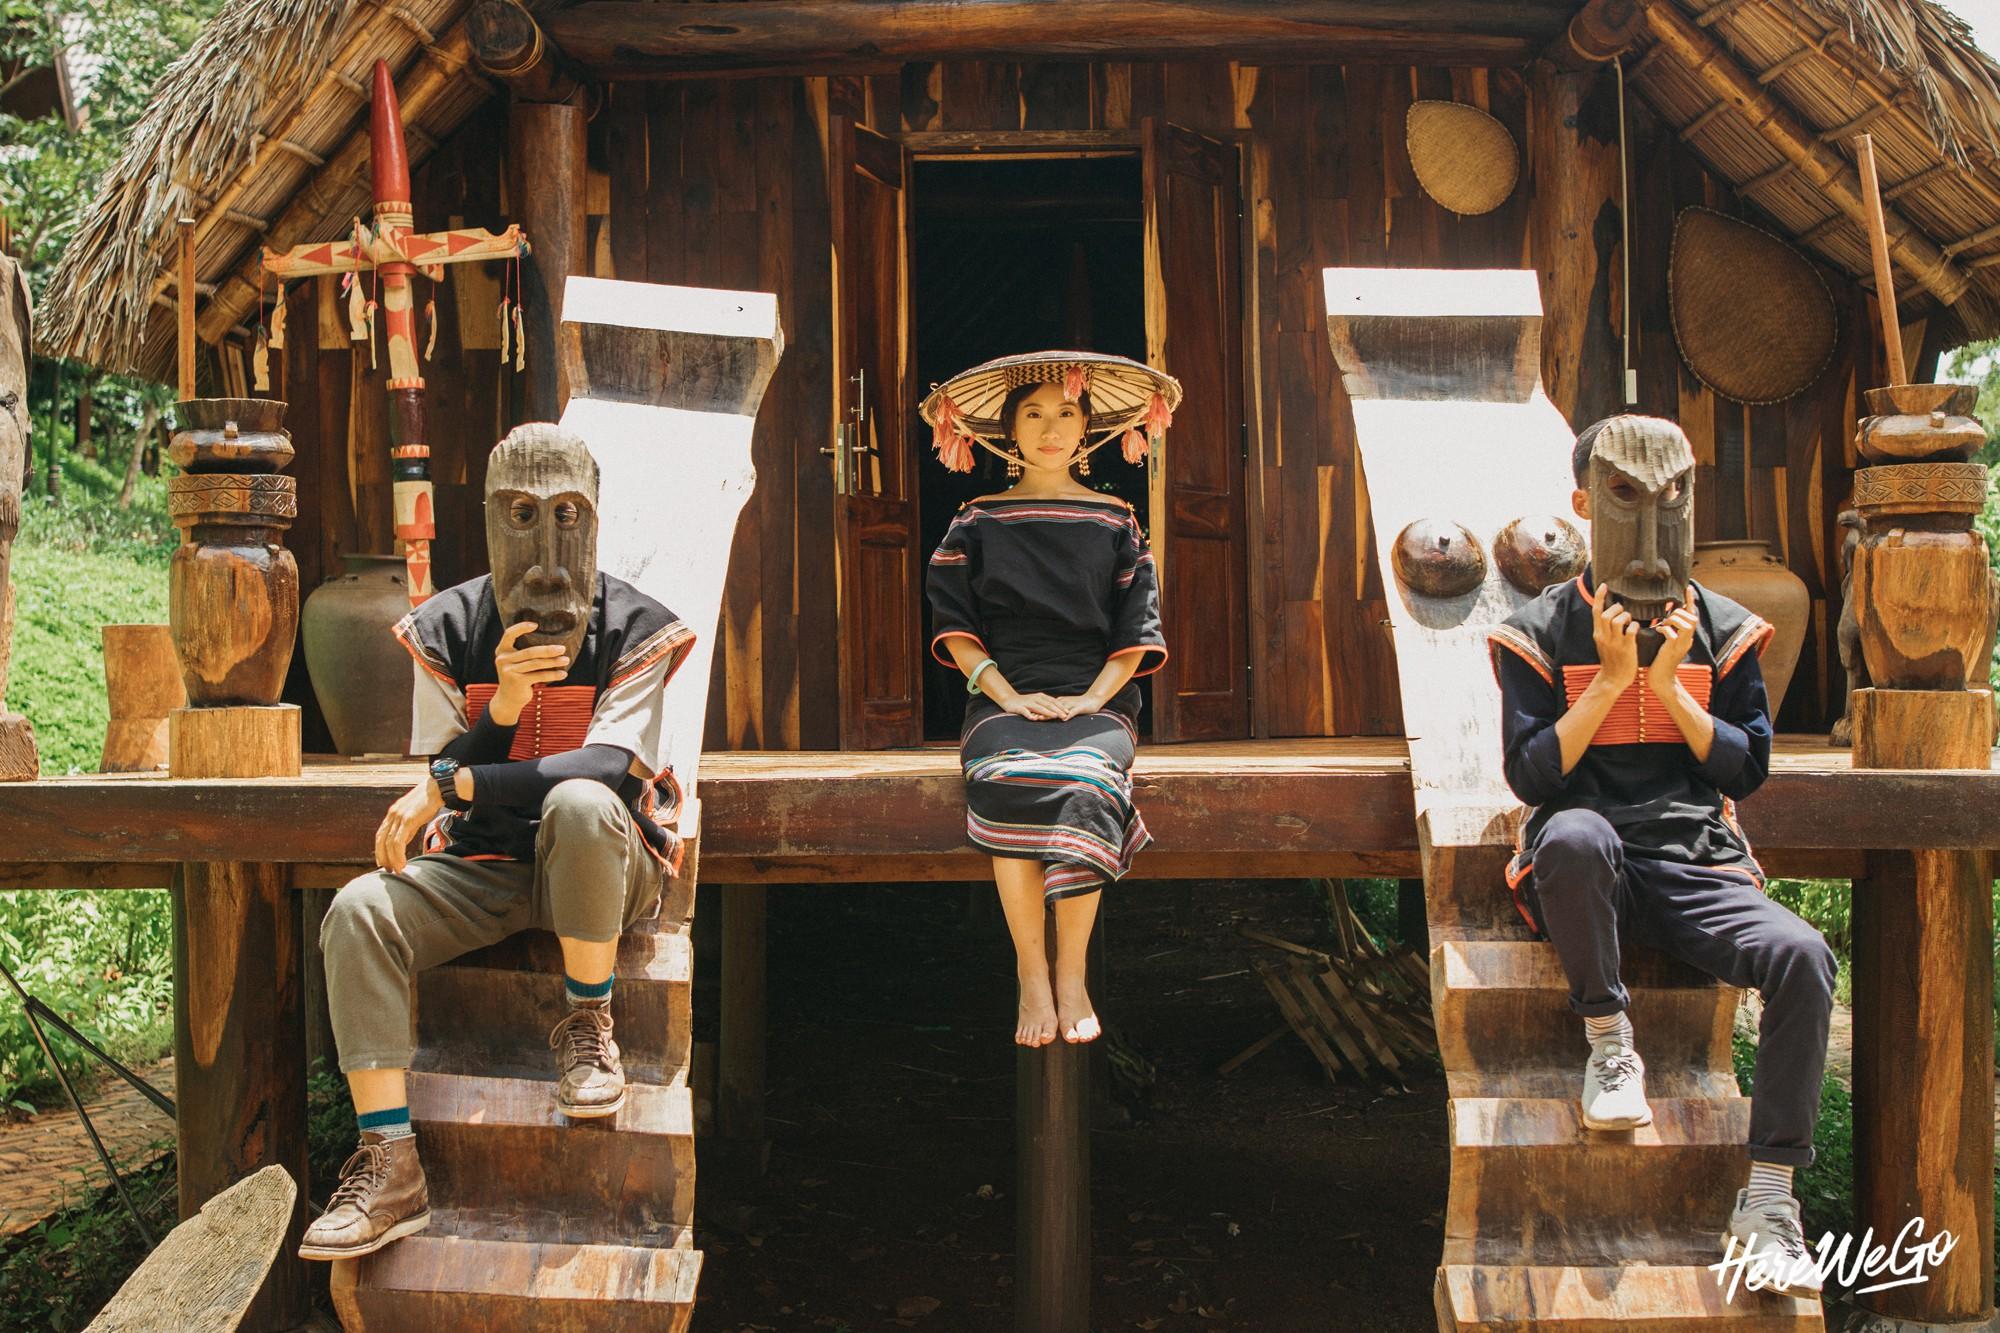 Du lịch Tây Nguyên: Dừng chân lại lắng nghe hơi thở Tây Nguyên - Ảnh 12.